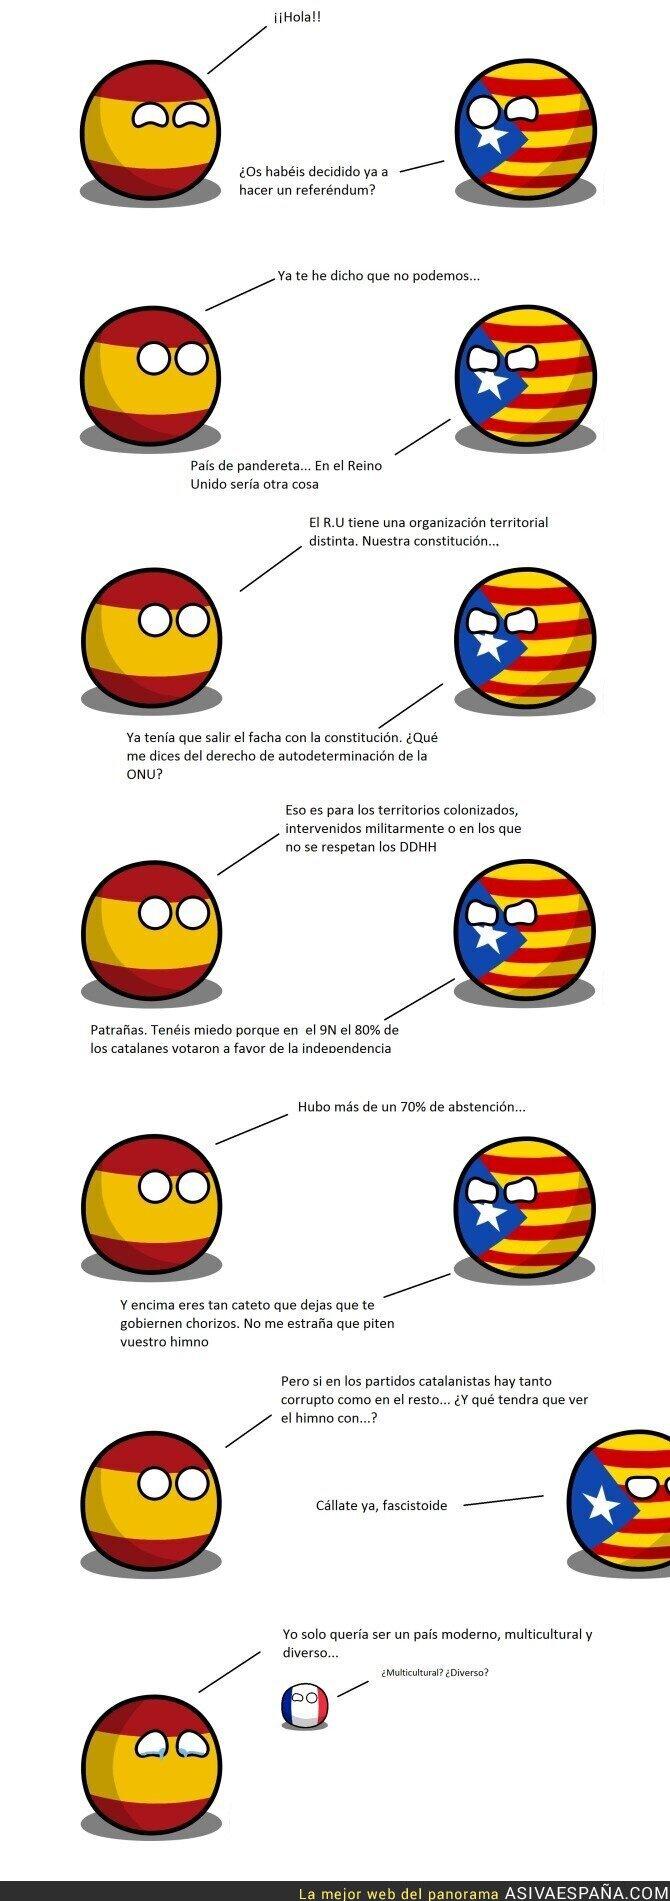 49675 - España y el gobierno catalán